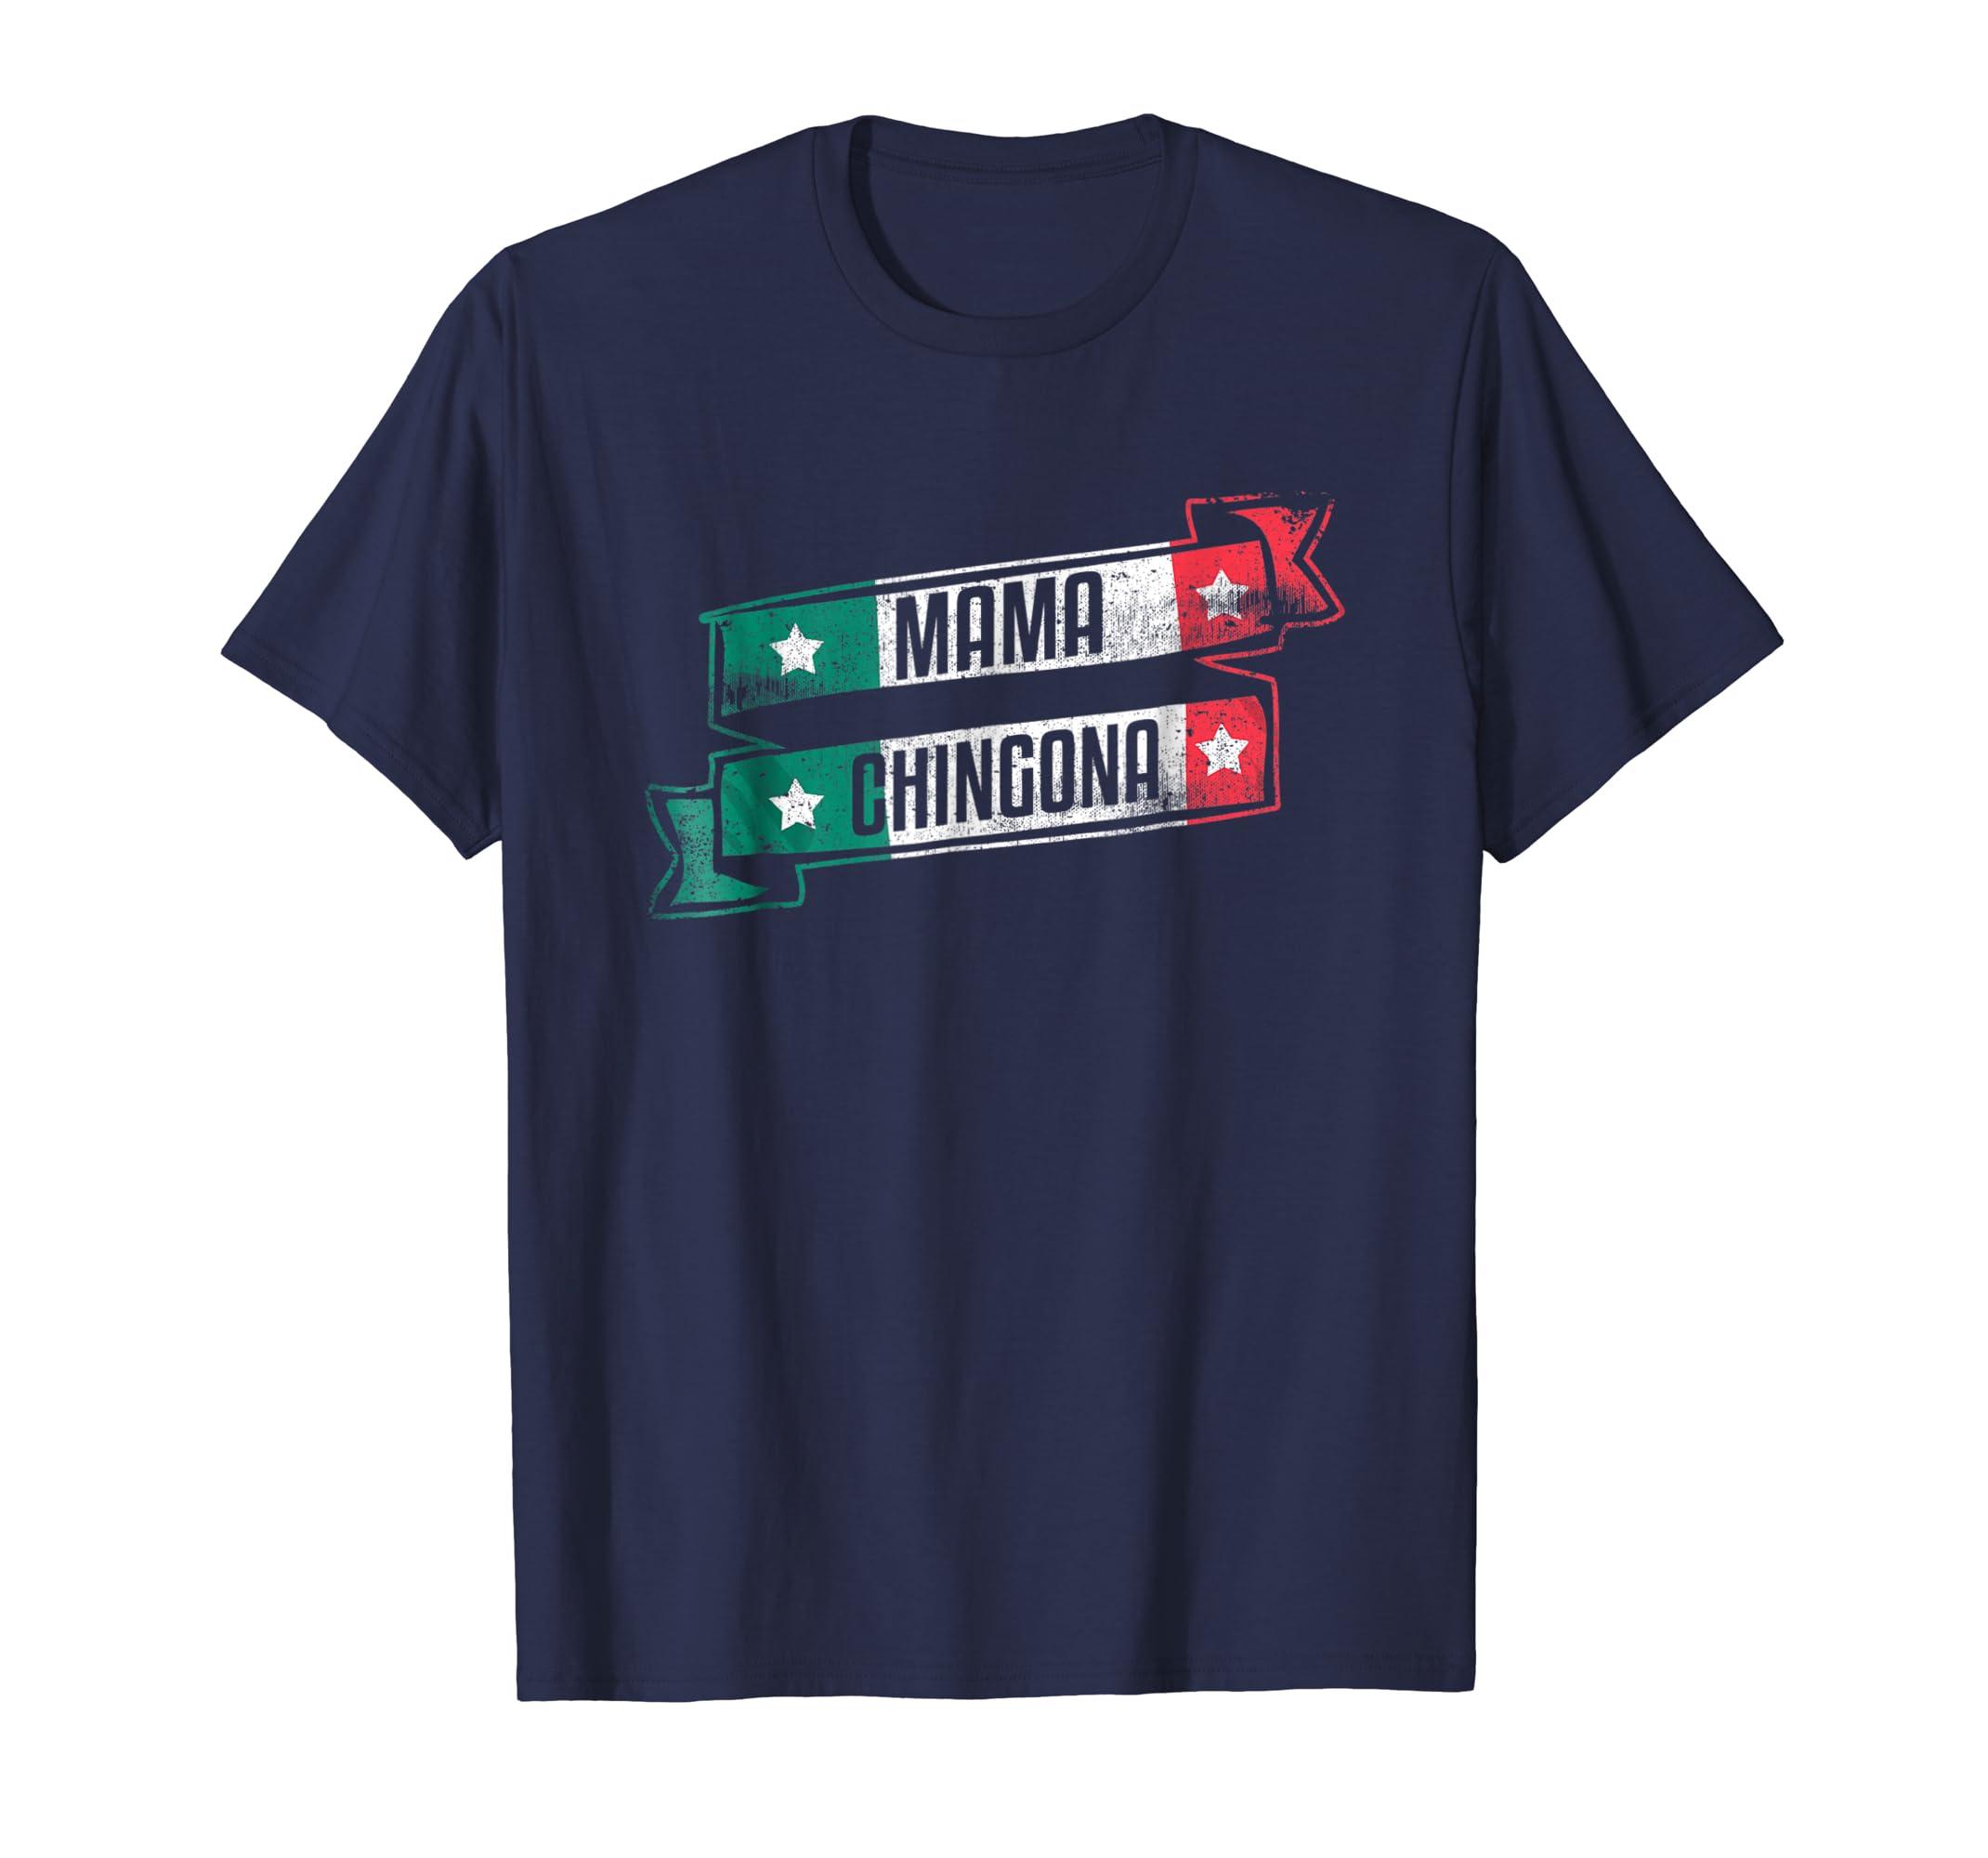 Mexican Latina Madre Mama Chingona T-Shirt-alottee gift